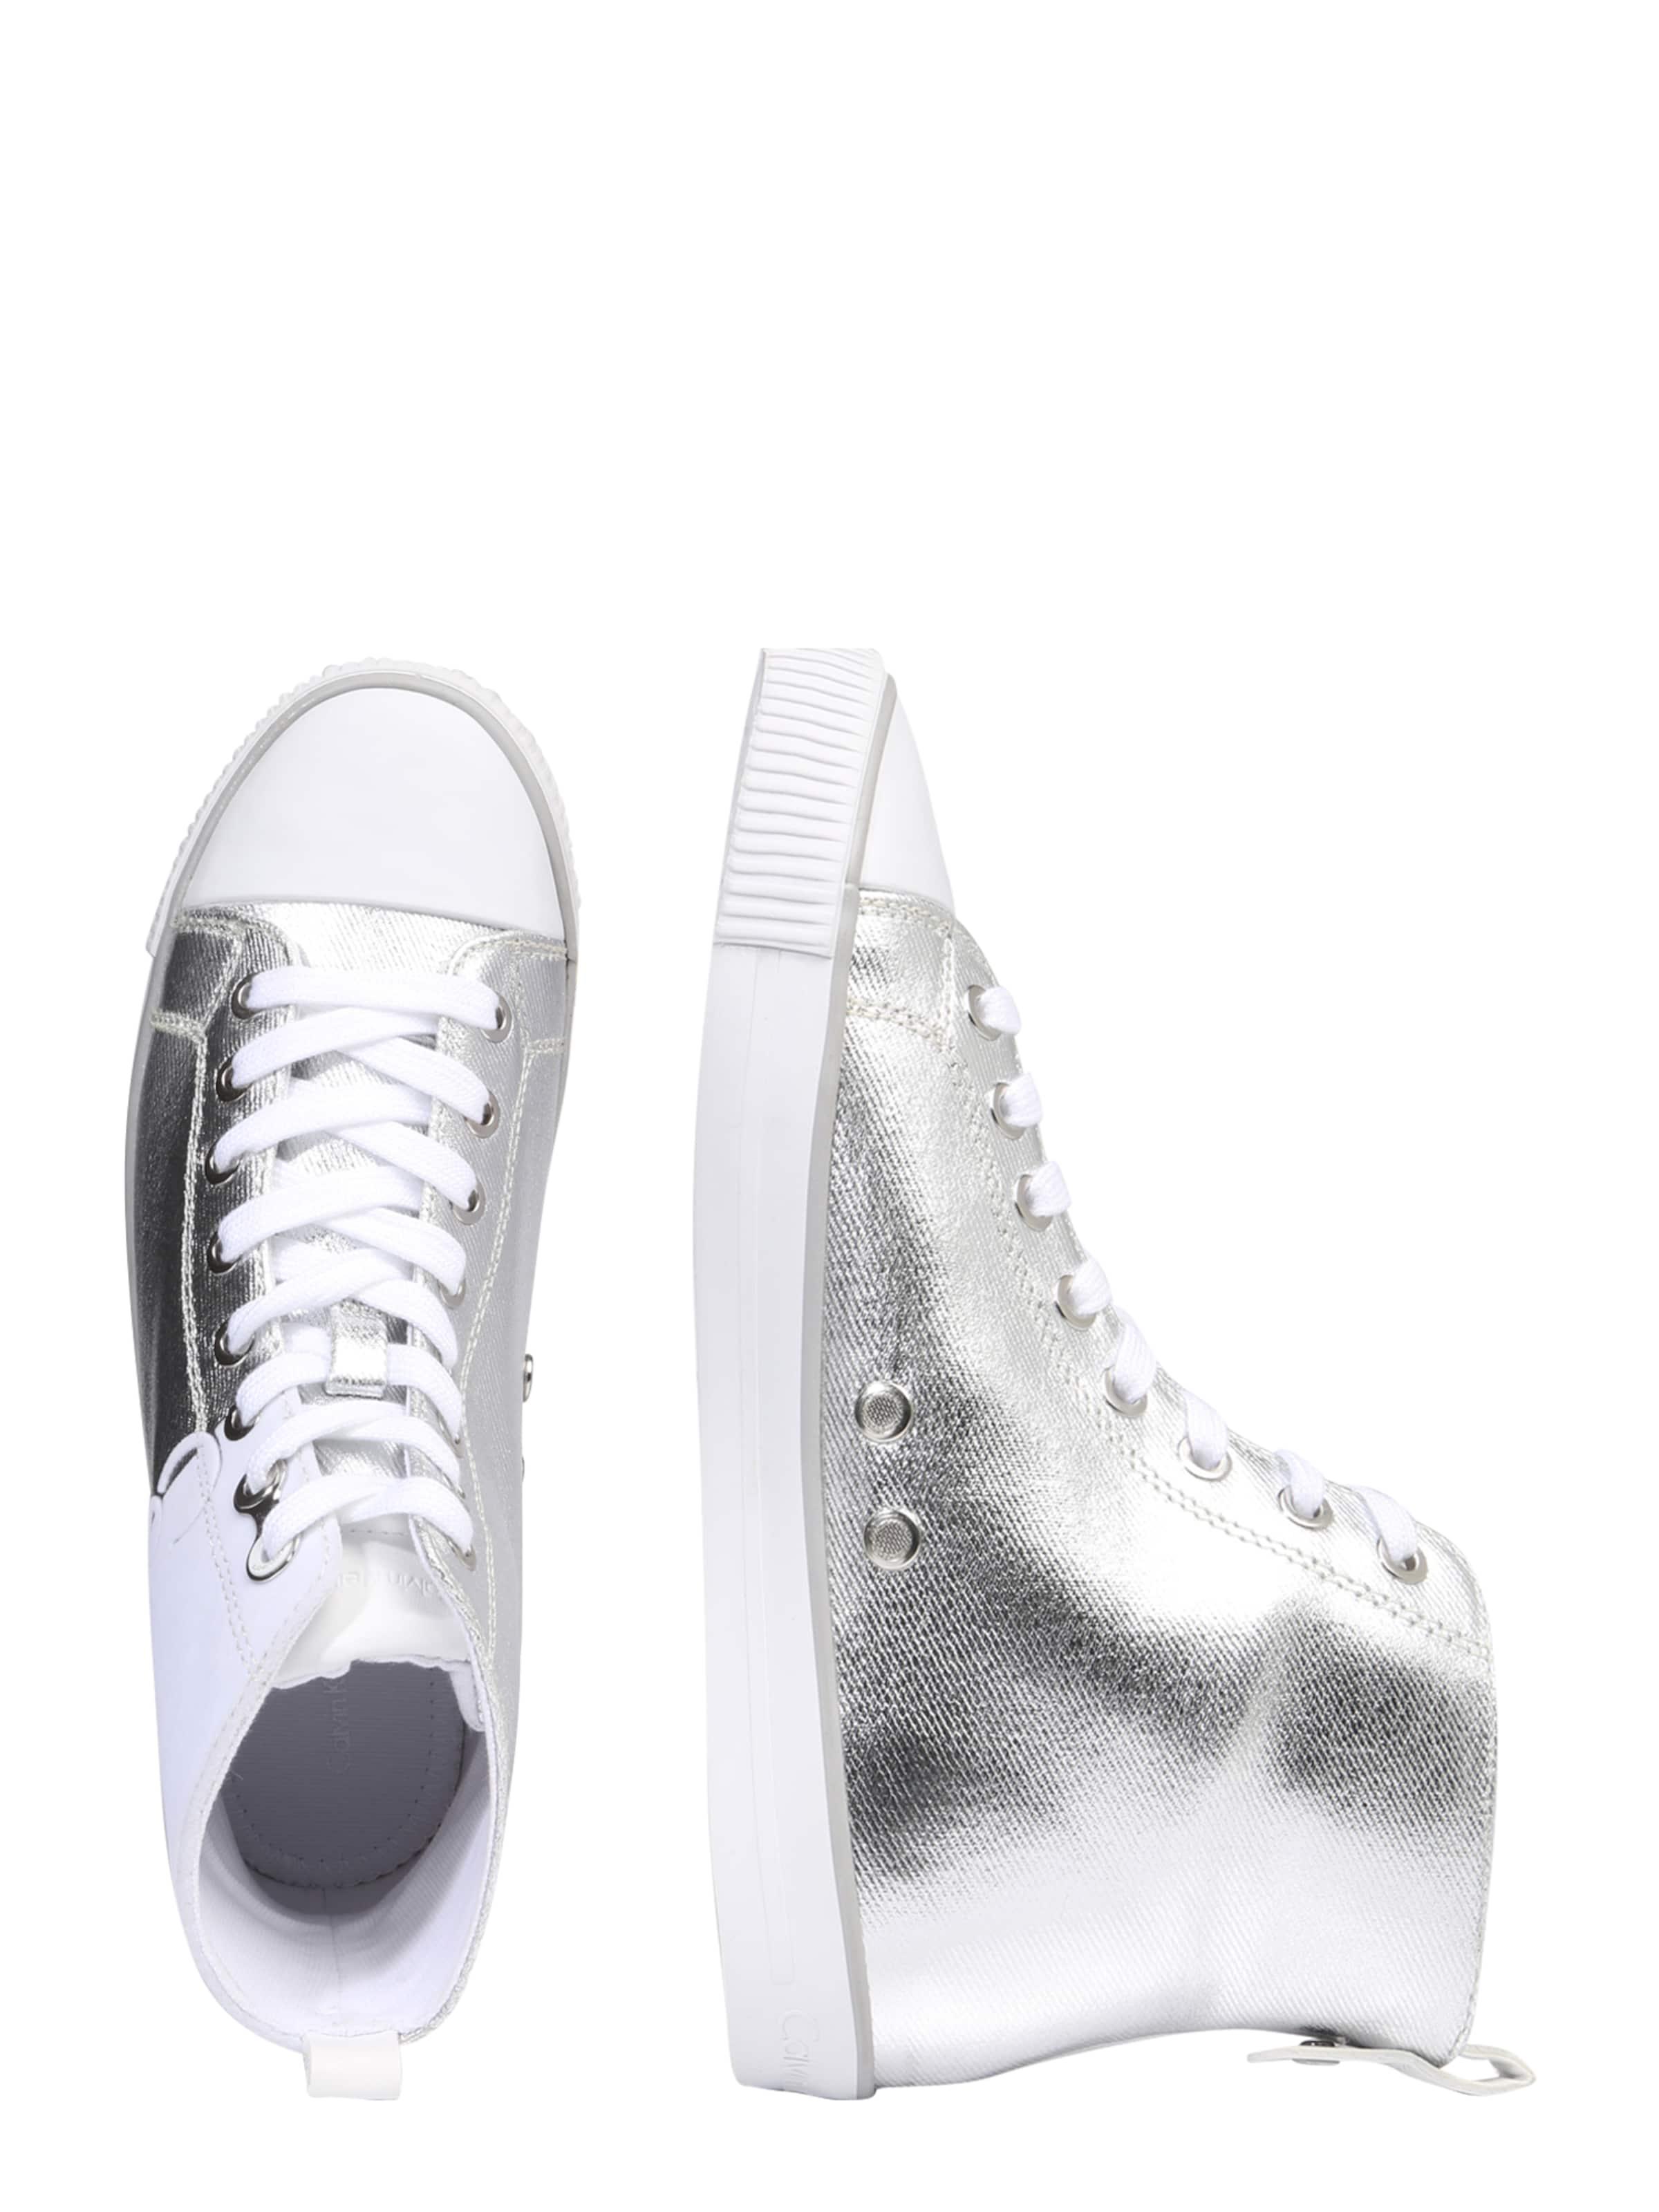 Calvin Klein Jeans Hoher Sneaker 'DOTTY' Discounter p8TOfK6gU8